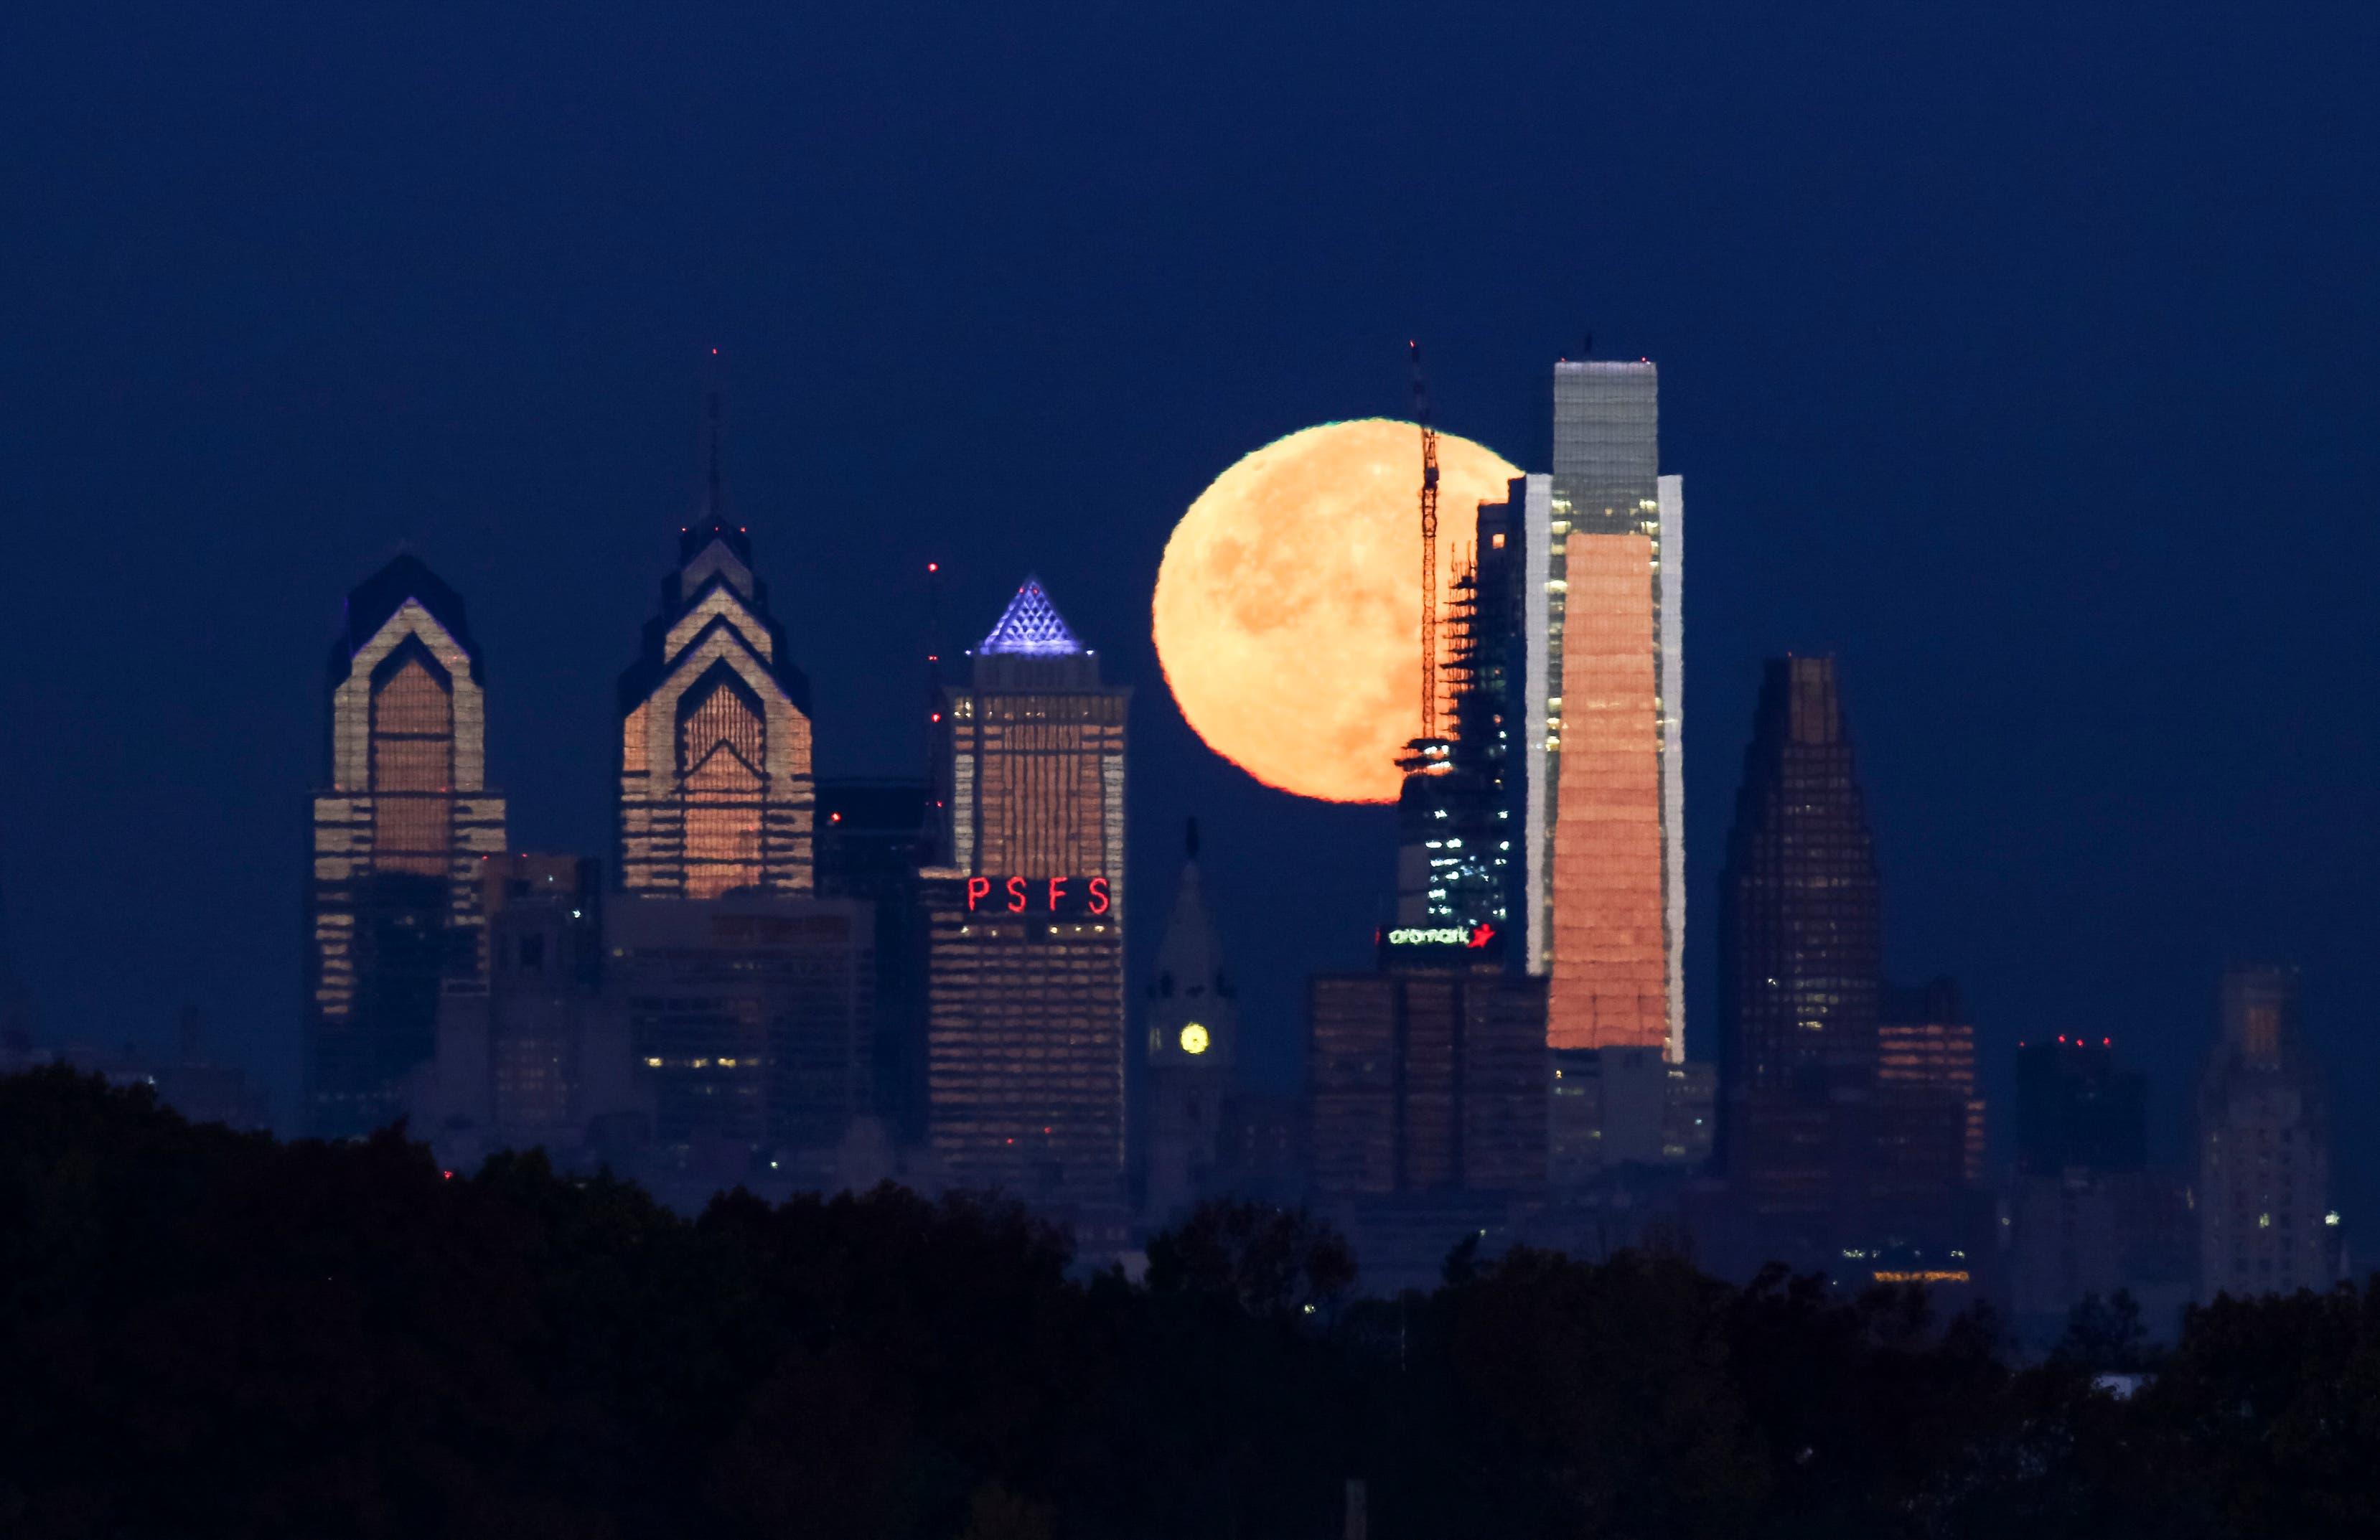 Ebenfalls hoch im Kurs: Philadelphia an der US-Ostküste. Die knapp 50'000 gezählten Passagiere entsprechen einem Plus von 24,8 Prozent.